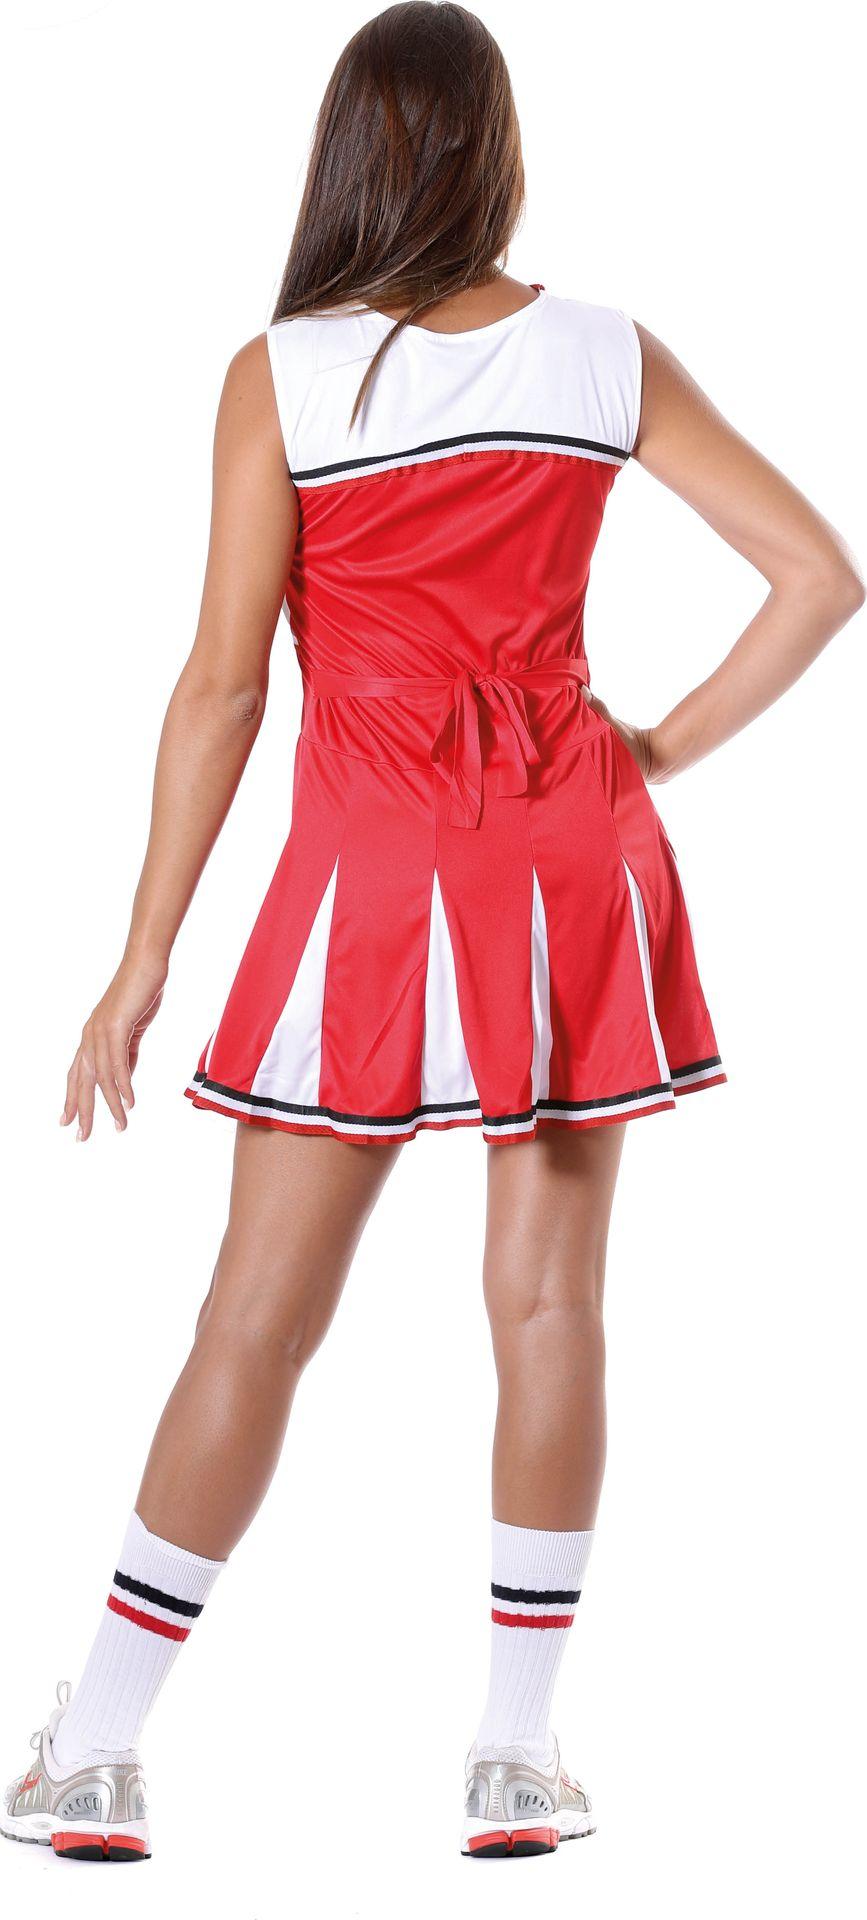 Cheerleader USA kostuum